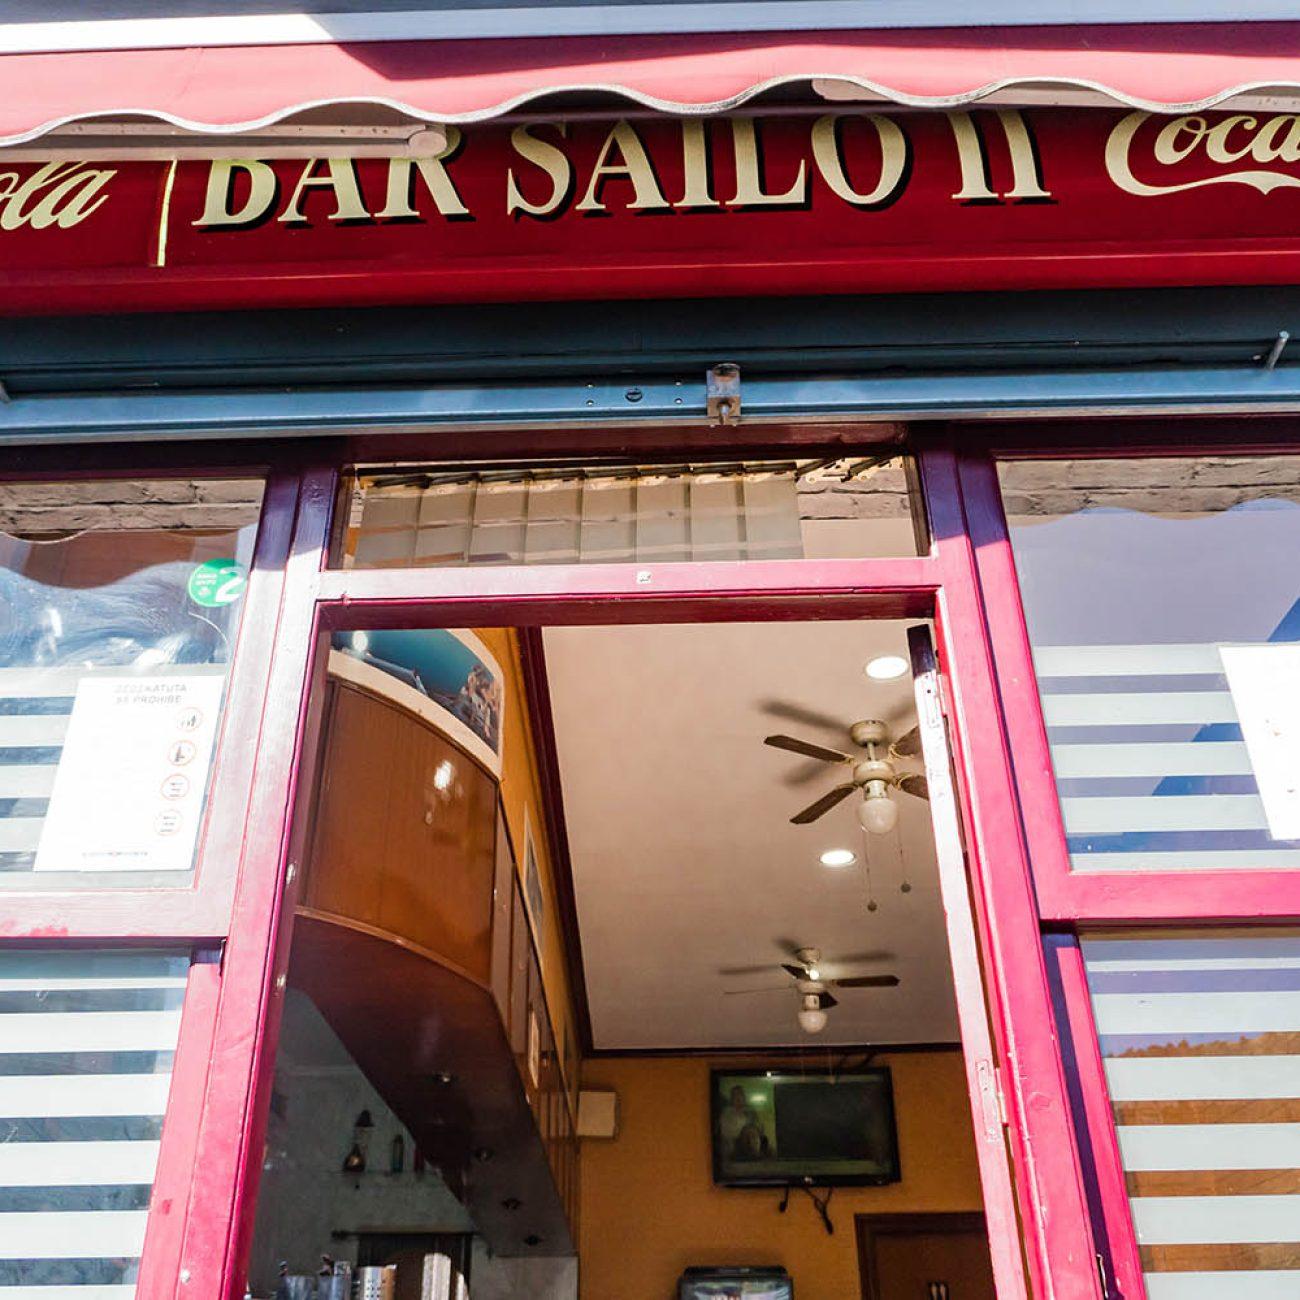 BAR SAILO 2